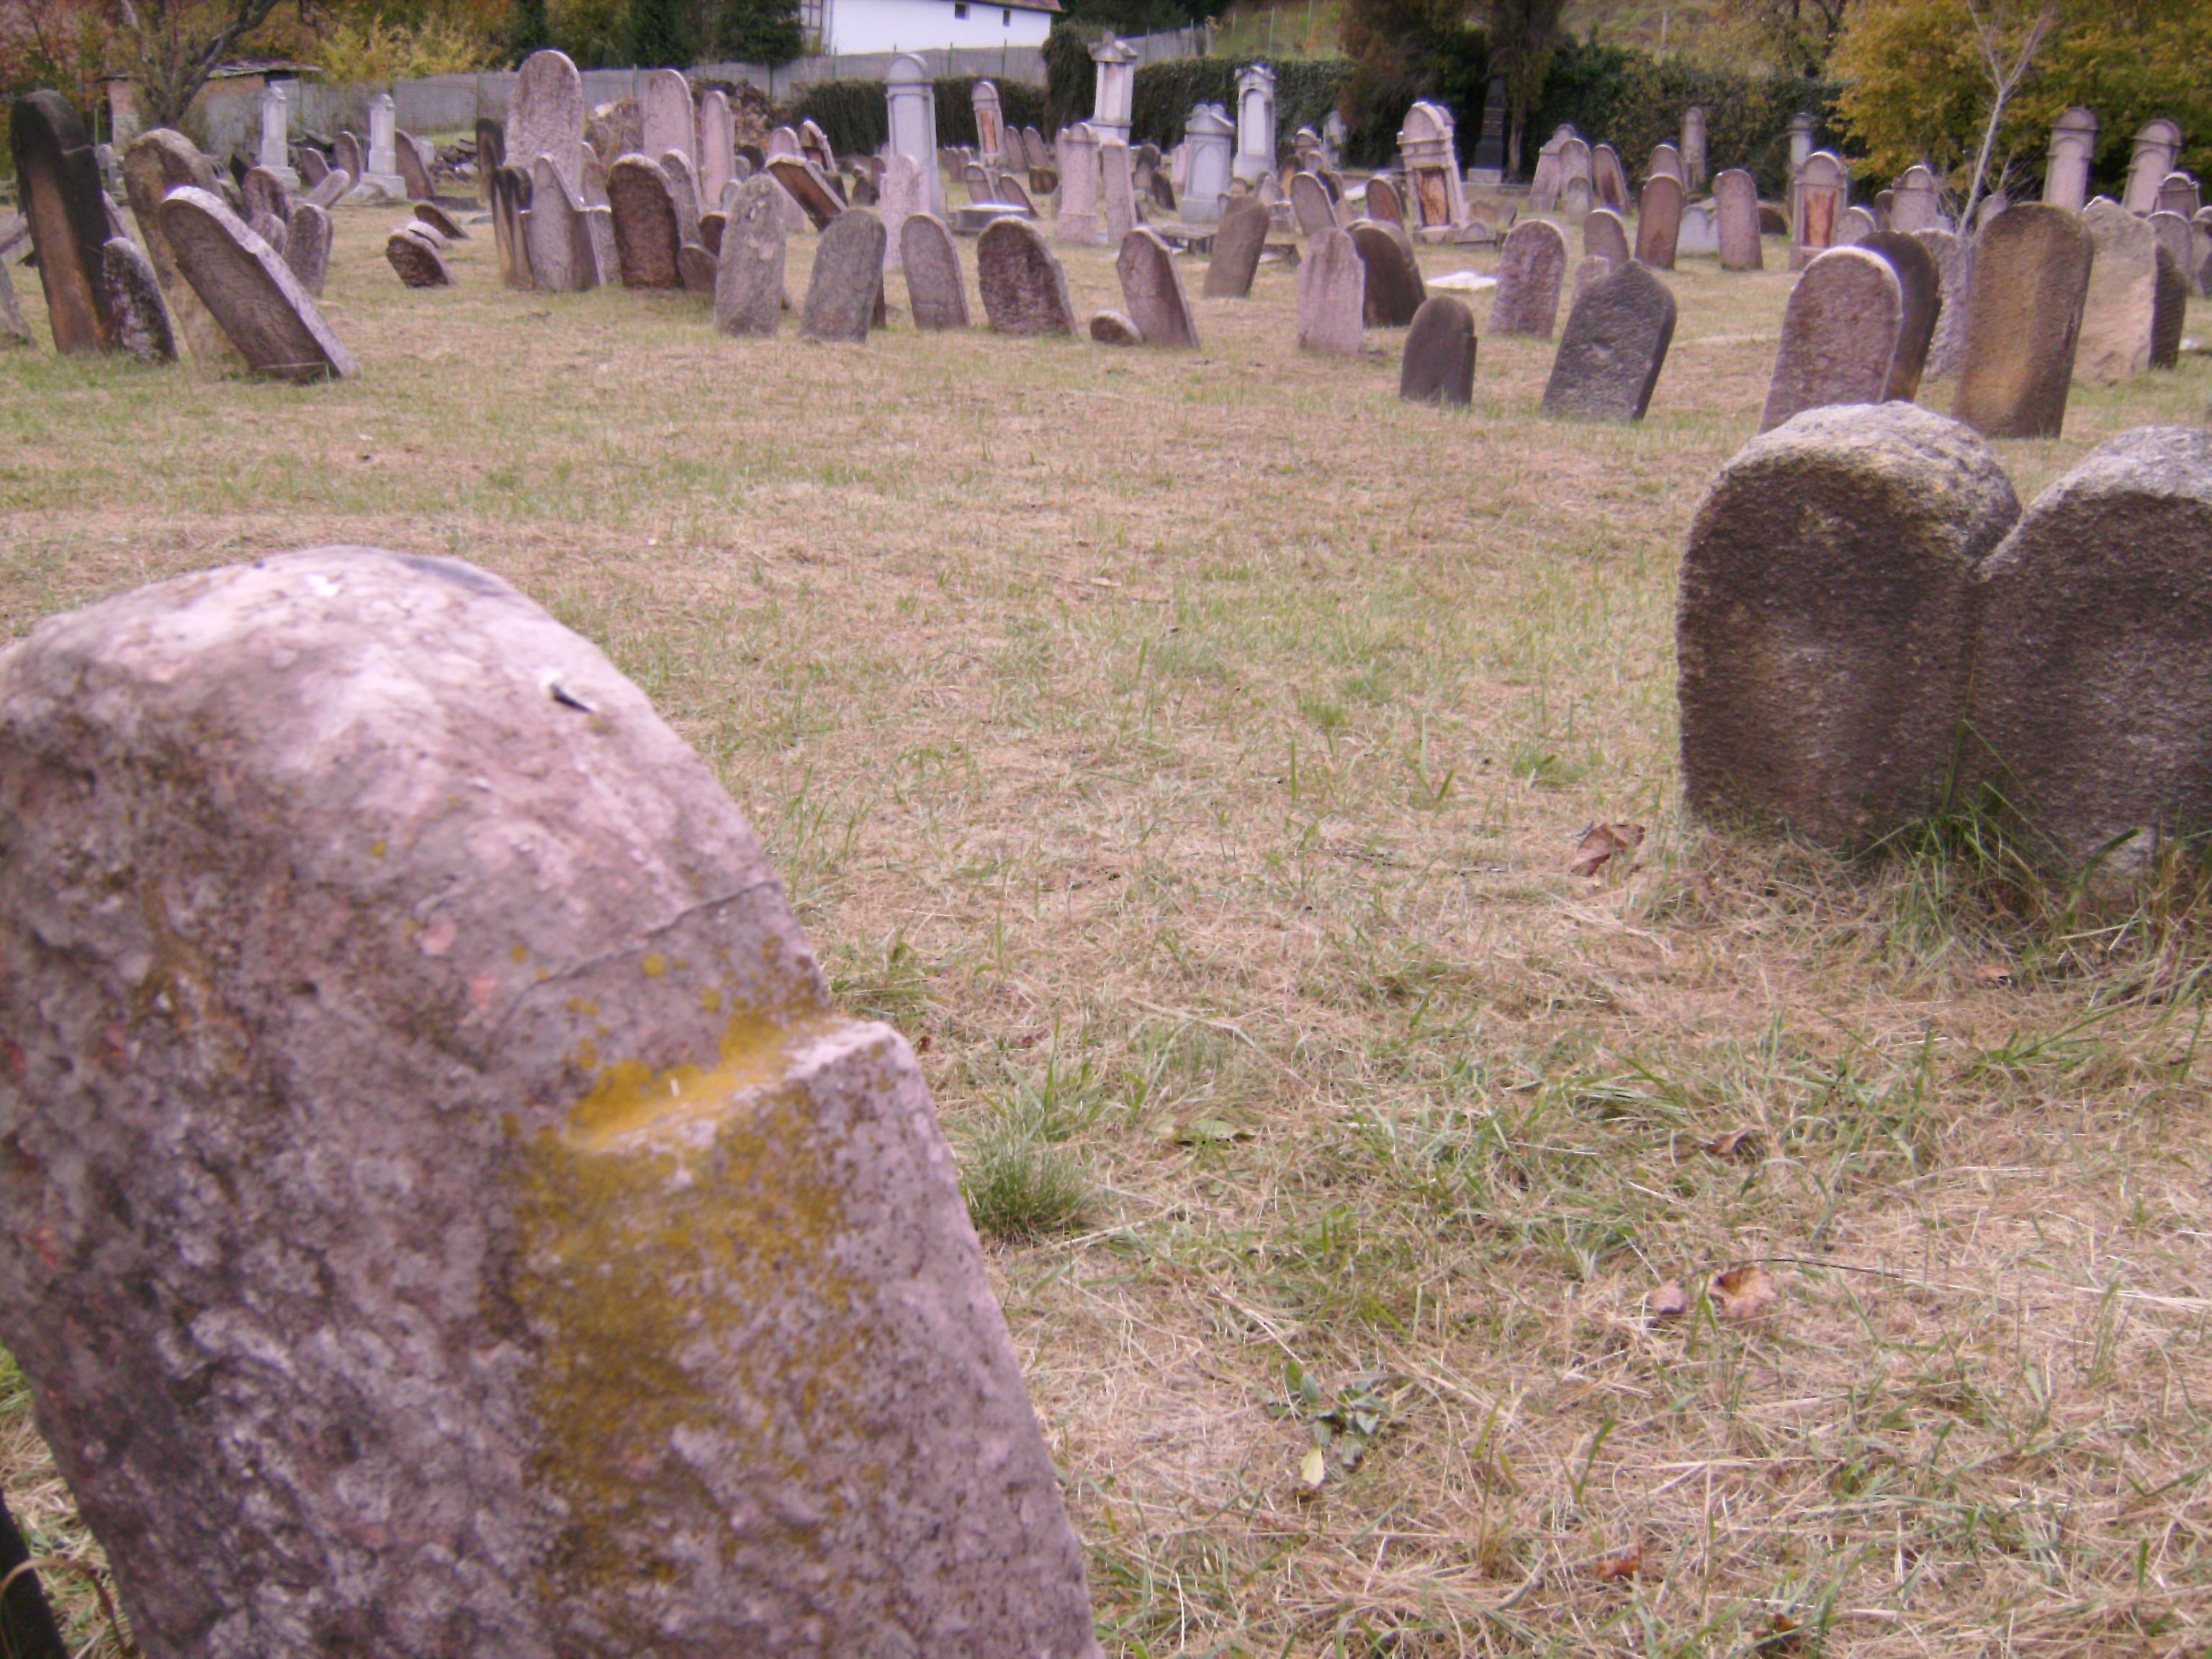 Csak olyan halottakat temetnek egymás mellé, akik életükben is vallásosság, zsidó tudomány, műveltség vagy jótékonyság tekintetében hasonló értékűek voltak